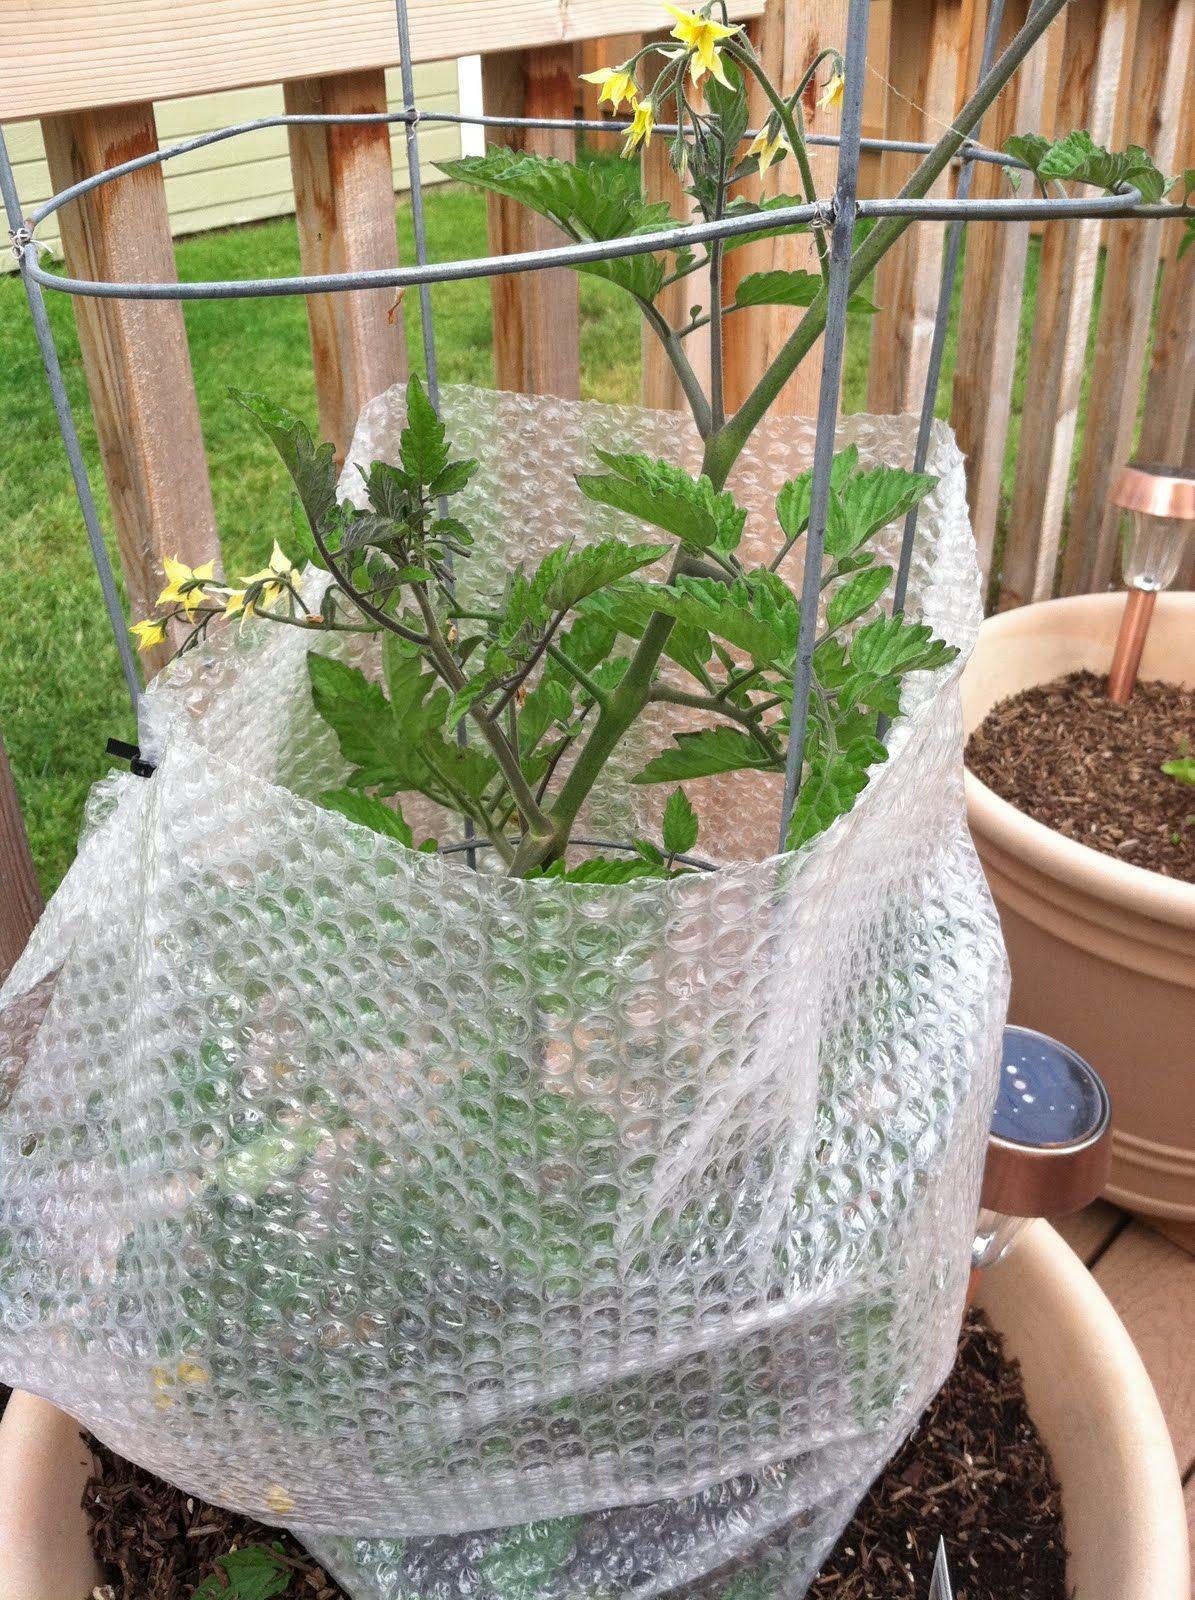 Bubble wrap plant insulation